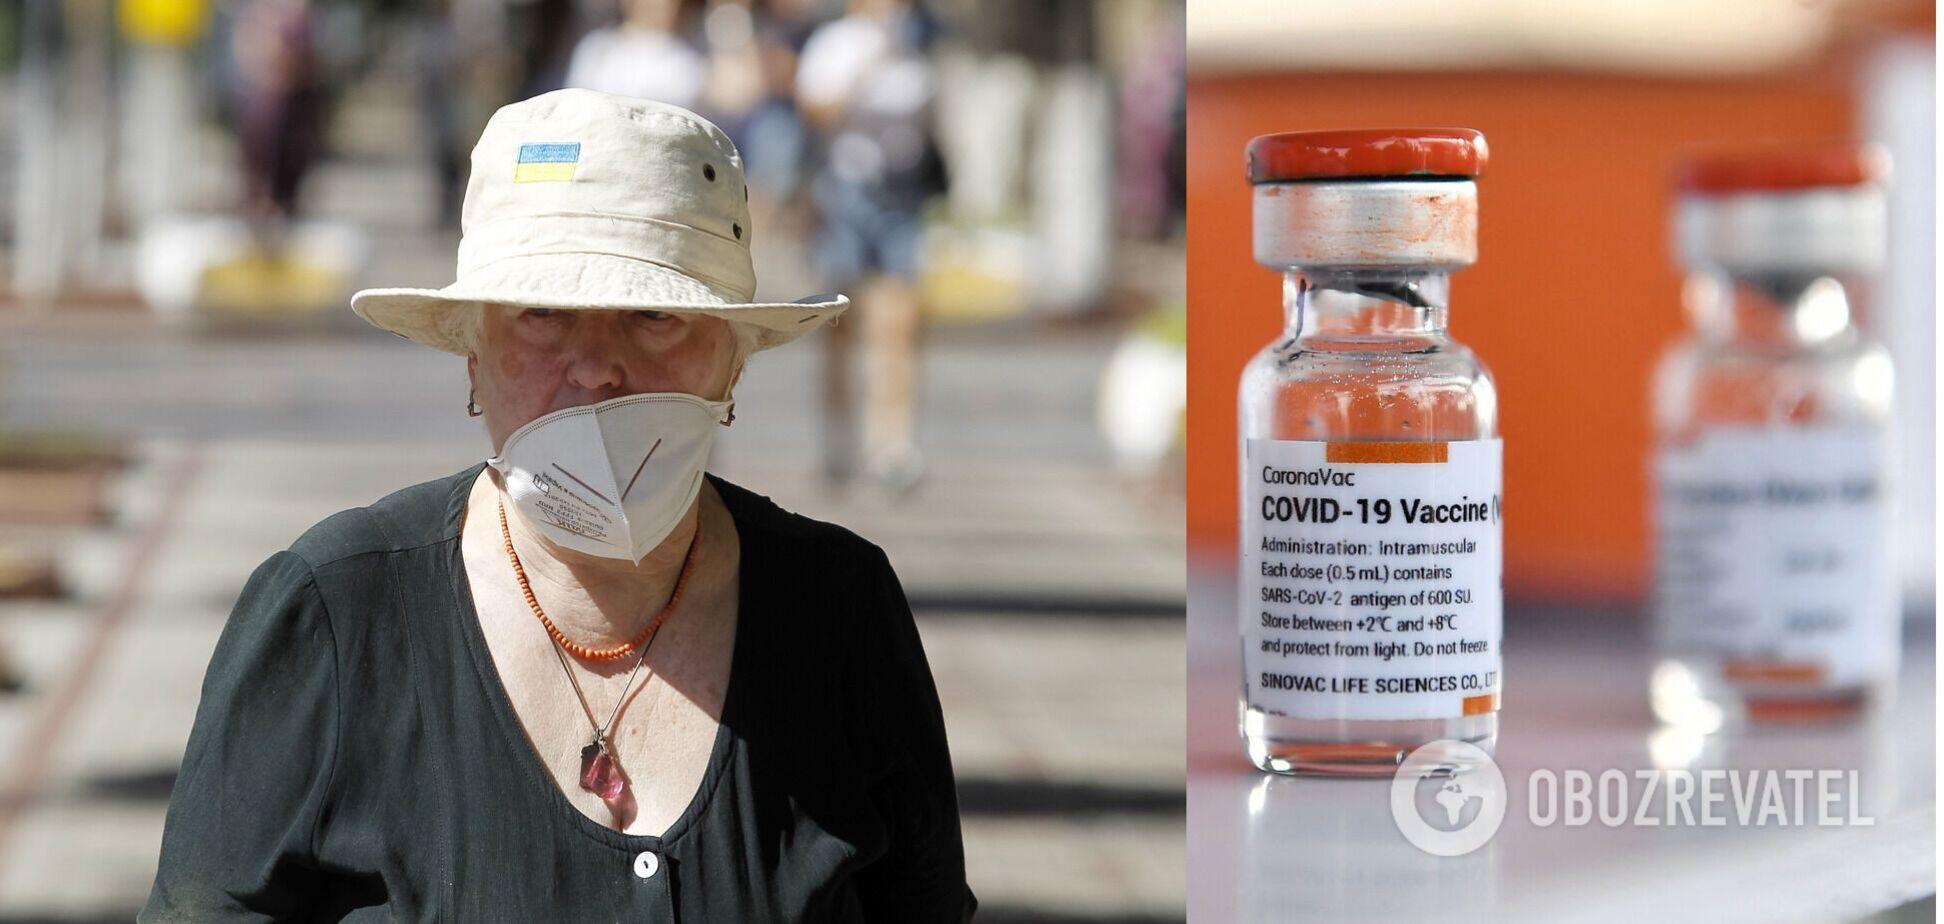 Потрібно терміново вакцинувати пенсіонерів, інакше вони займуть всі ліжка в лікарнях, – імунолог